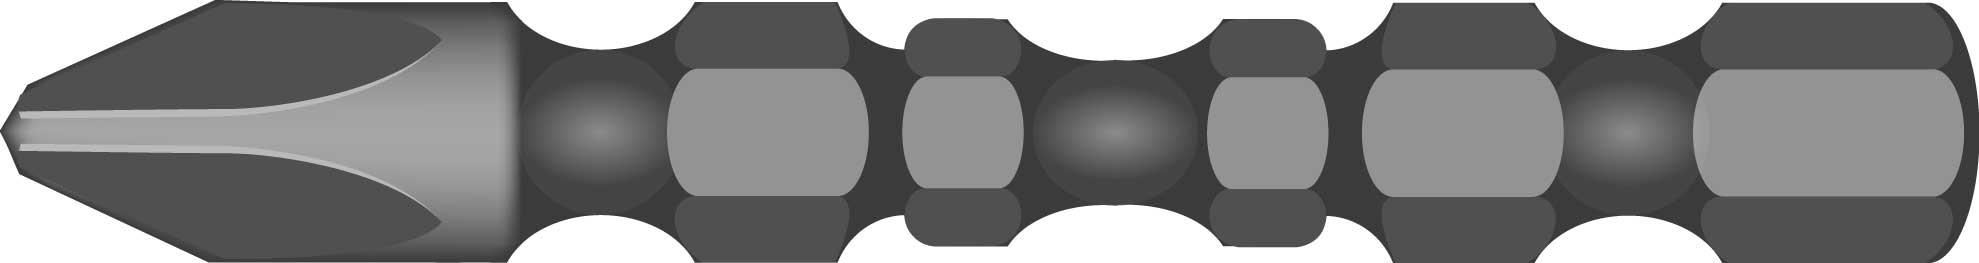 биты, отрисовывалось для илюстрирования упаковки